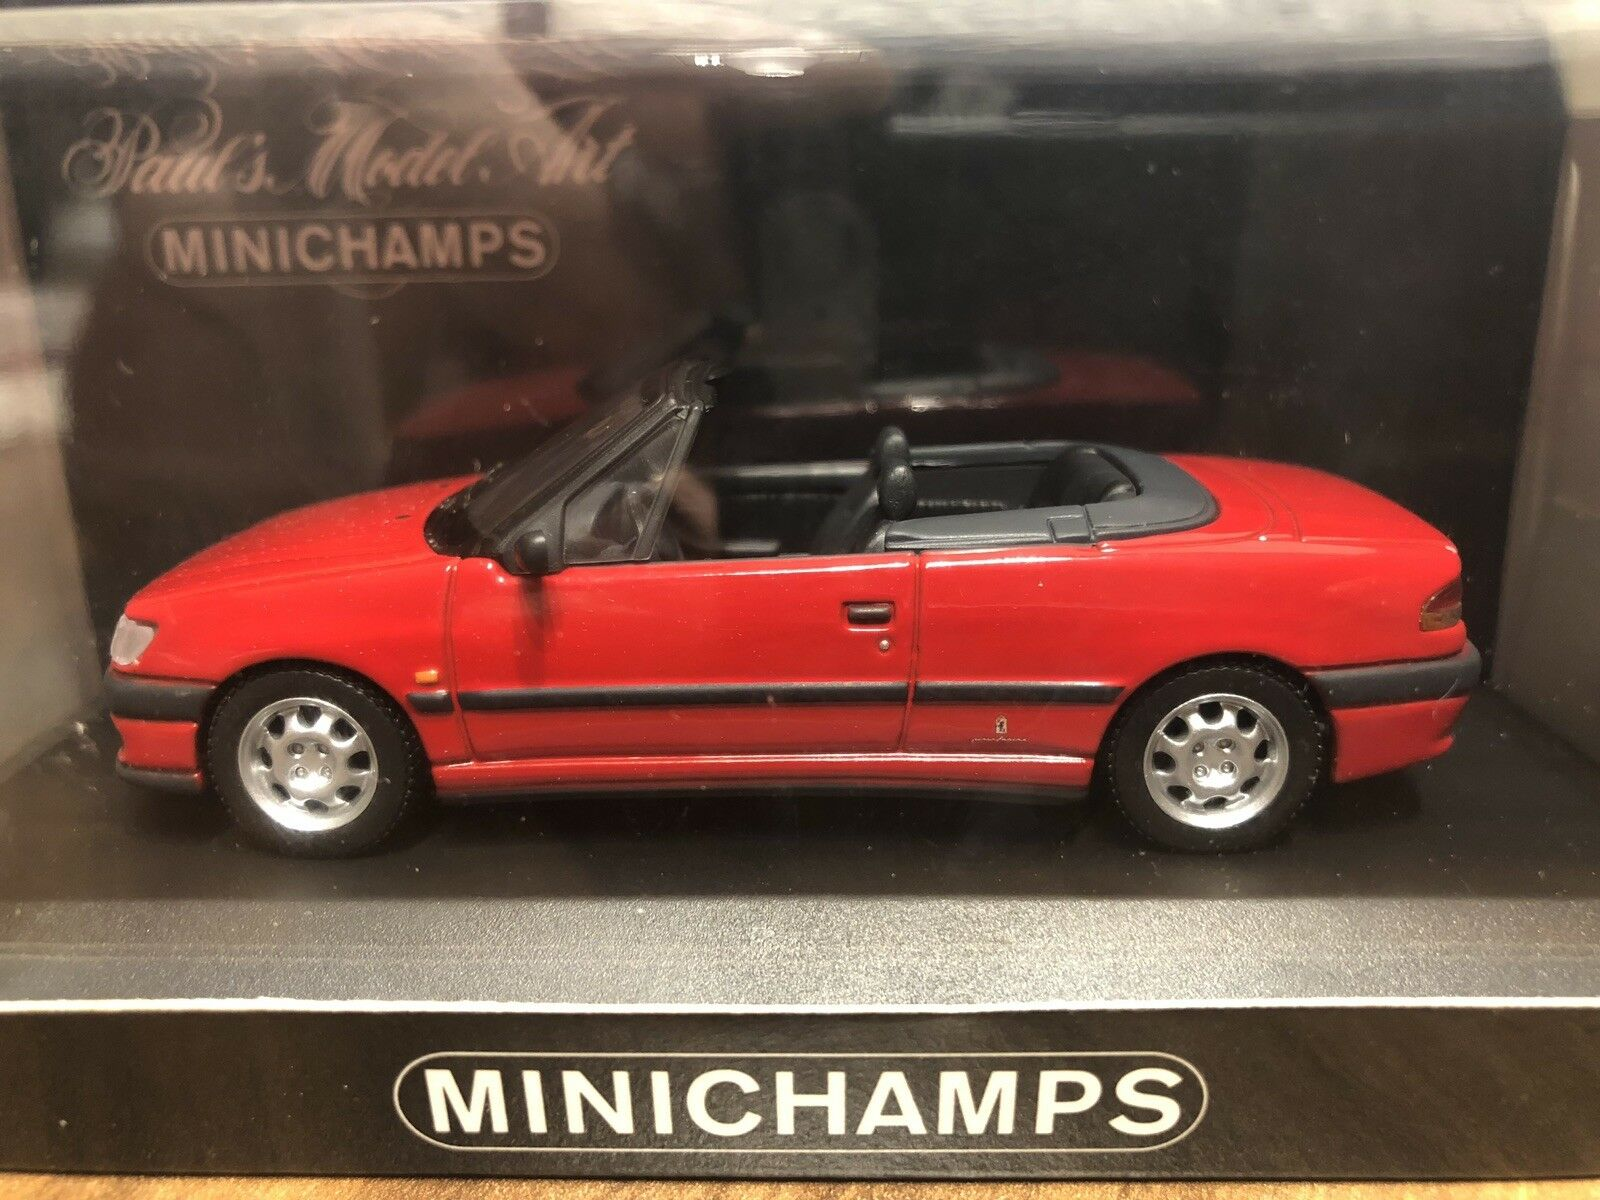 PEUGEOT 306 Cabriolet (1995) - MINICHAMPS - 1 43 - Rouge